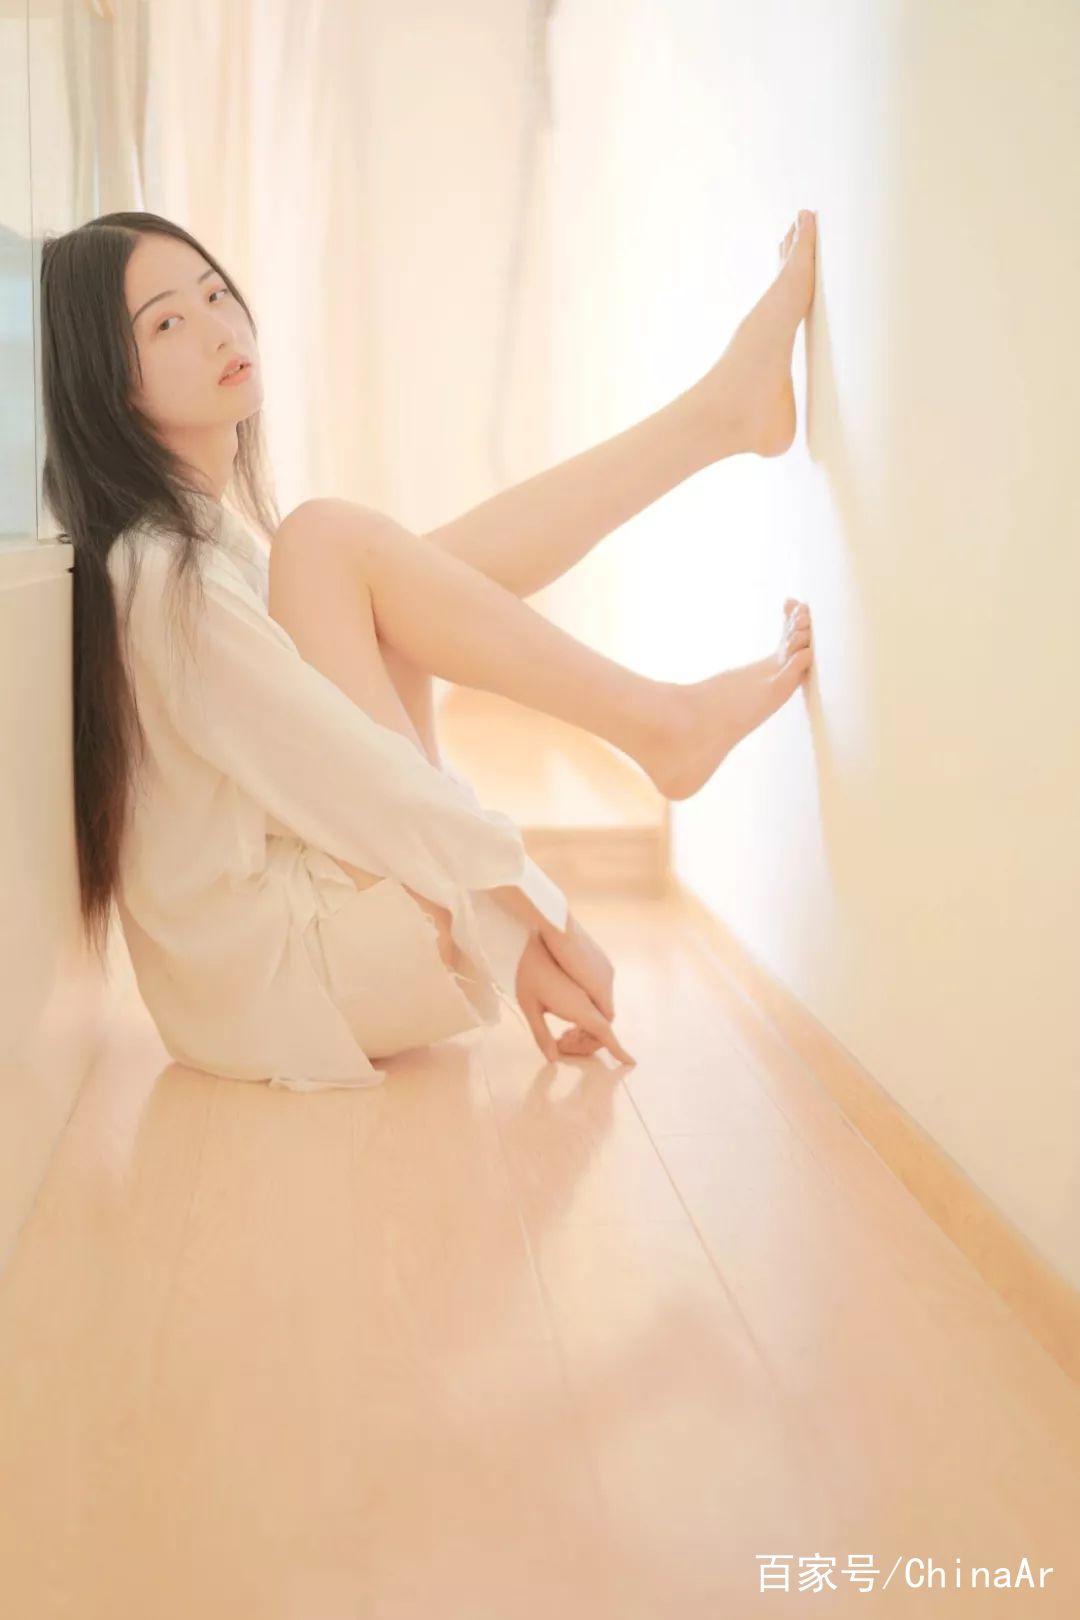 杭州网红民宿   90%年轻人不知道的摄影轰趴体验 推荐 第3张